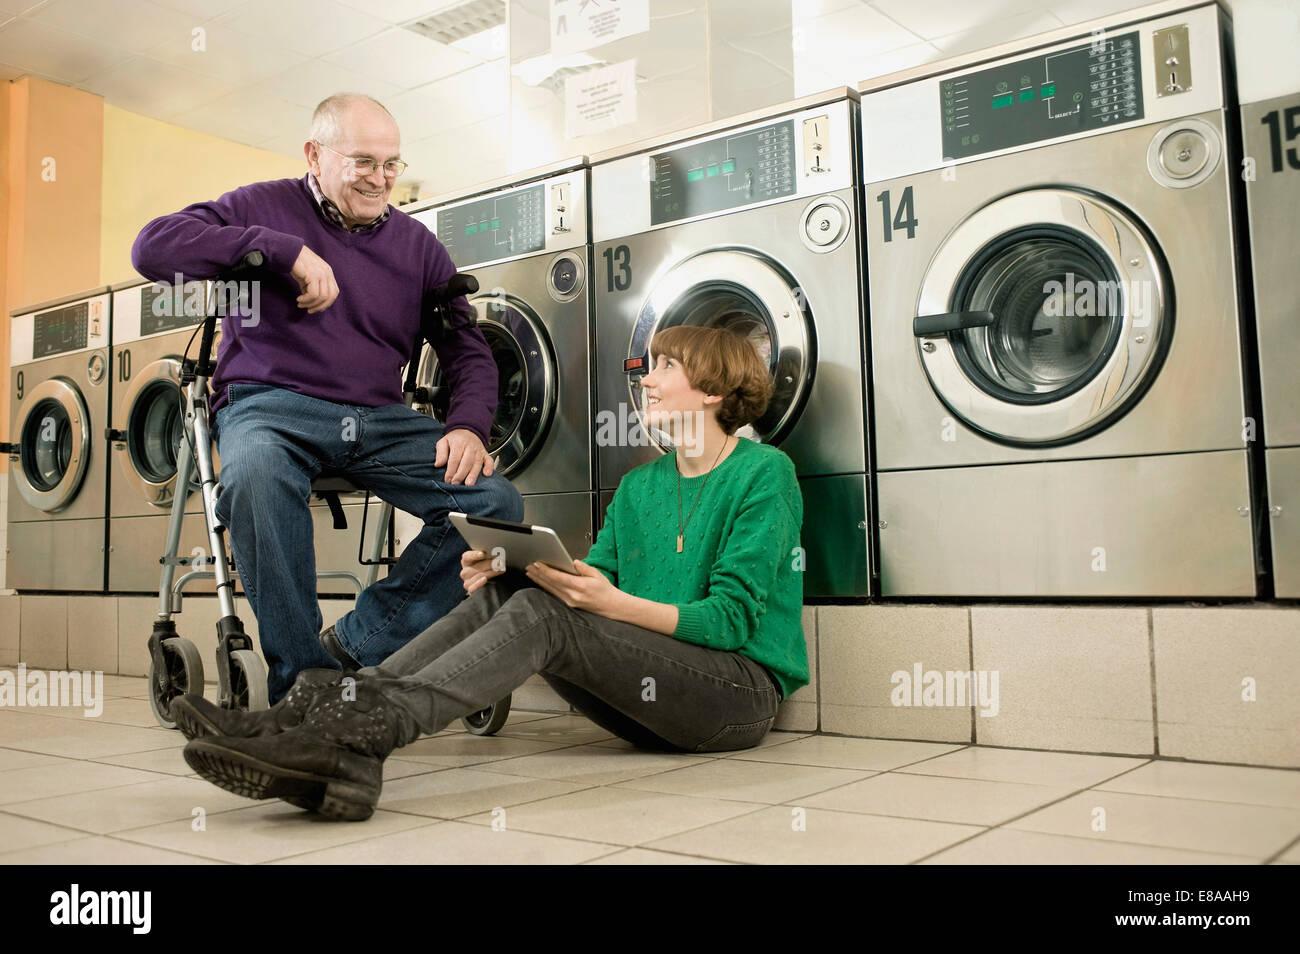 L'homme et la femme parlent en blanchisserie, smiling Photo Stock